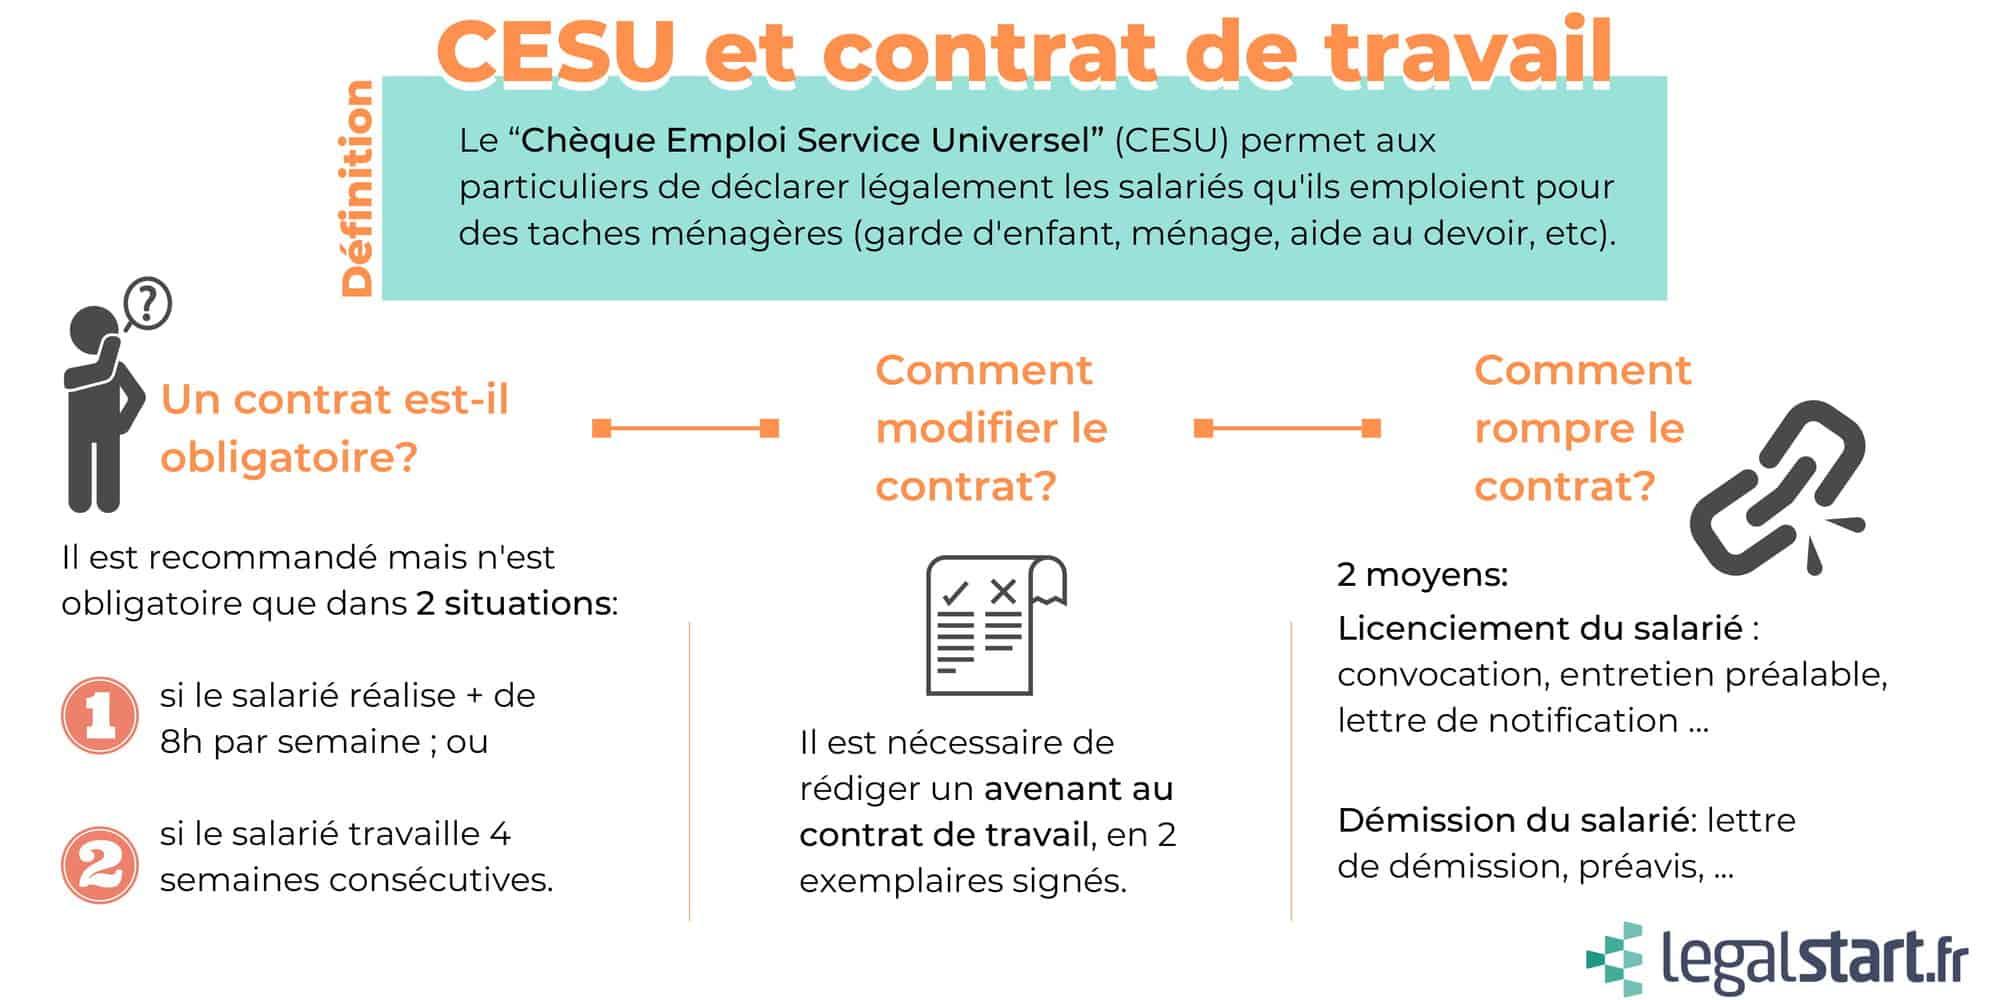 infographie CESU contrat de travail